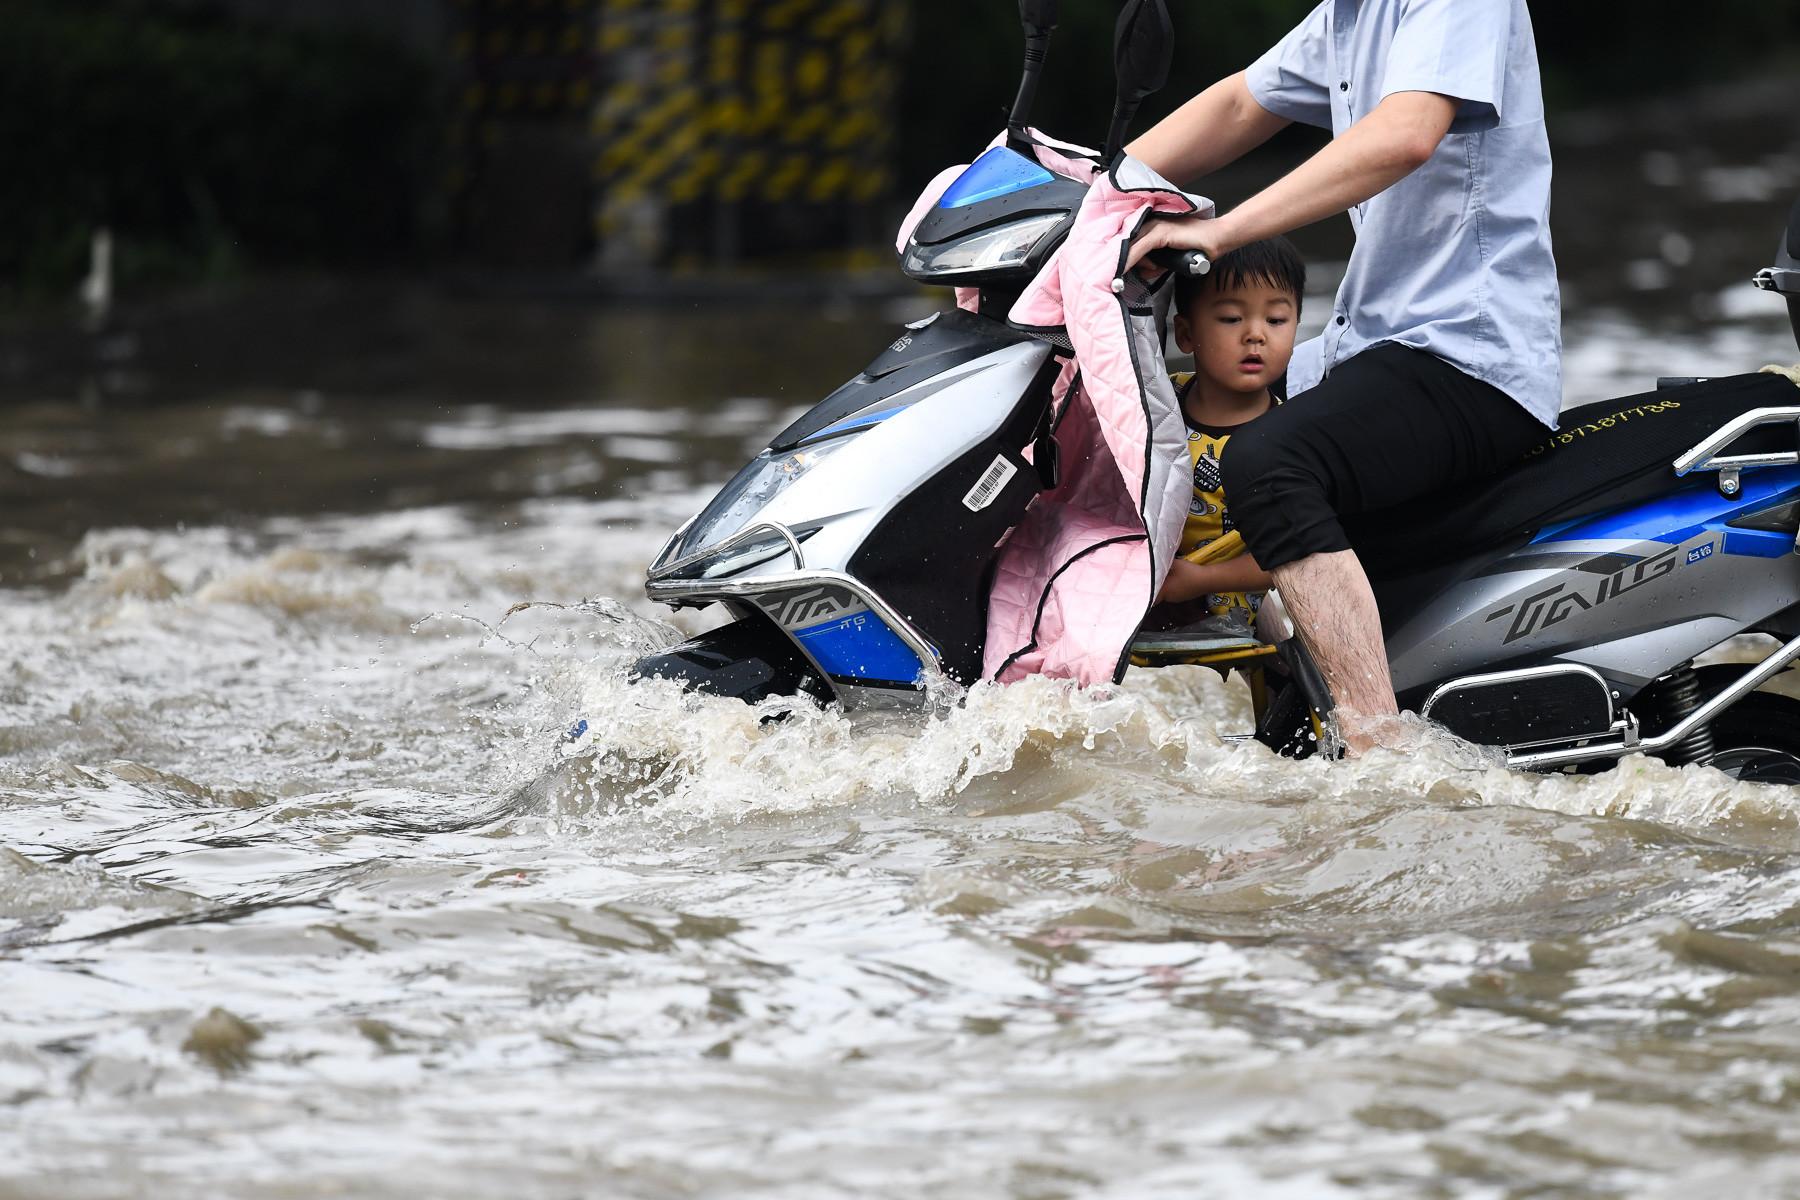 """7月4日,河南省鄭州市,一場突如其來的暴雨,讓路成""""海""""。由于積水較深,有人騎電動車通過,有人抱著孩子走過去,還有被朋友背過去…… IC 圖"""